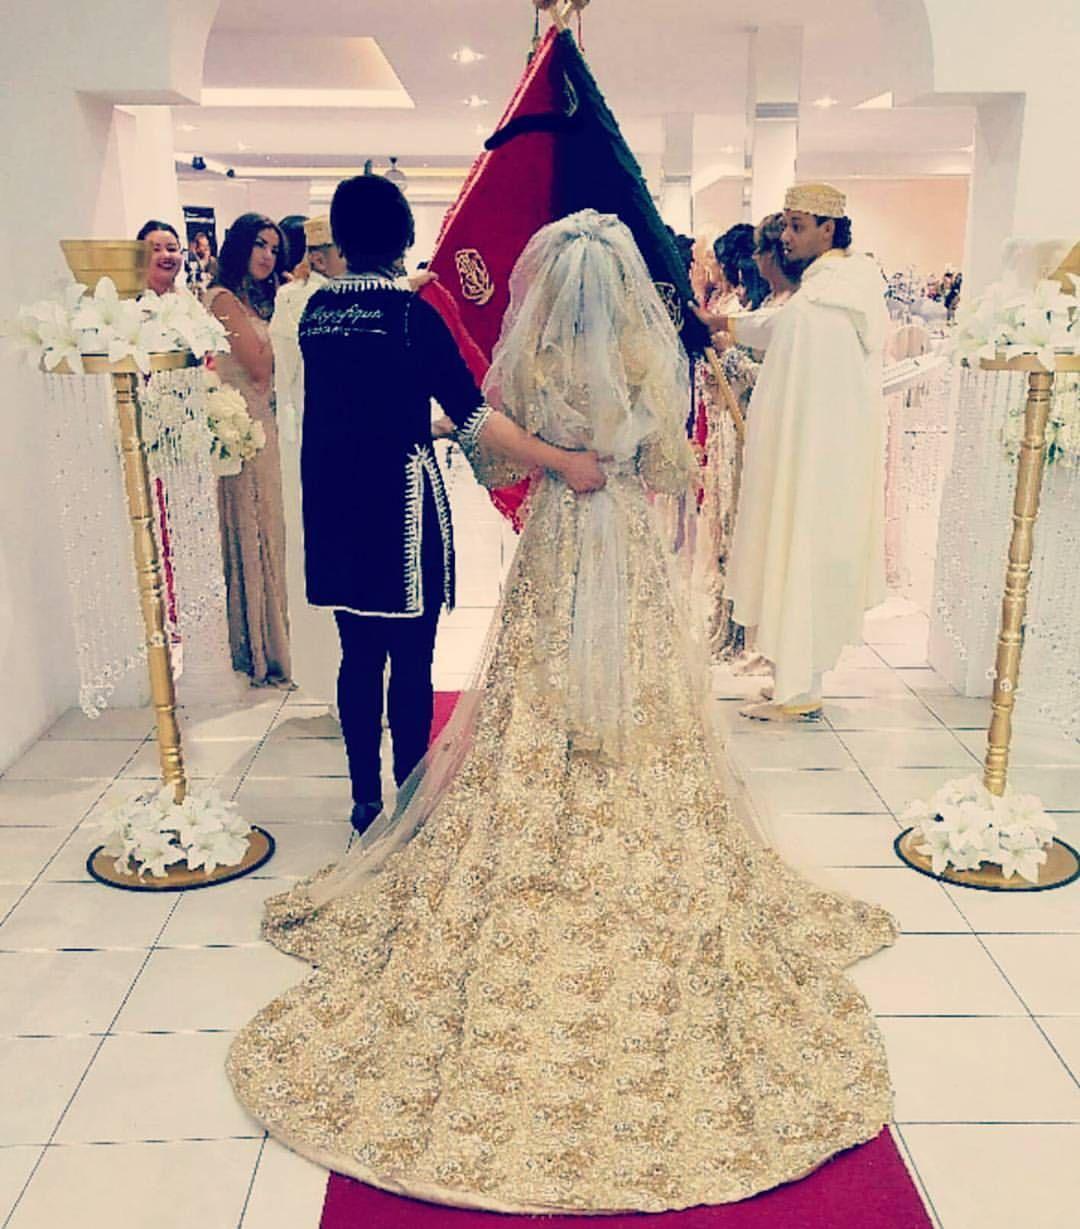 #ziana #bridal #bridalsrtling #love #elmagnifque #negaffa  Een afspraak maken ?  Bel voor Nederland  0031630272730  Voor Belgie 00324865530